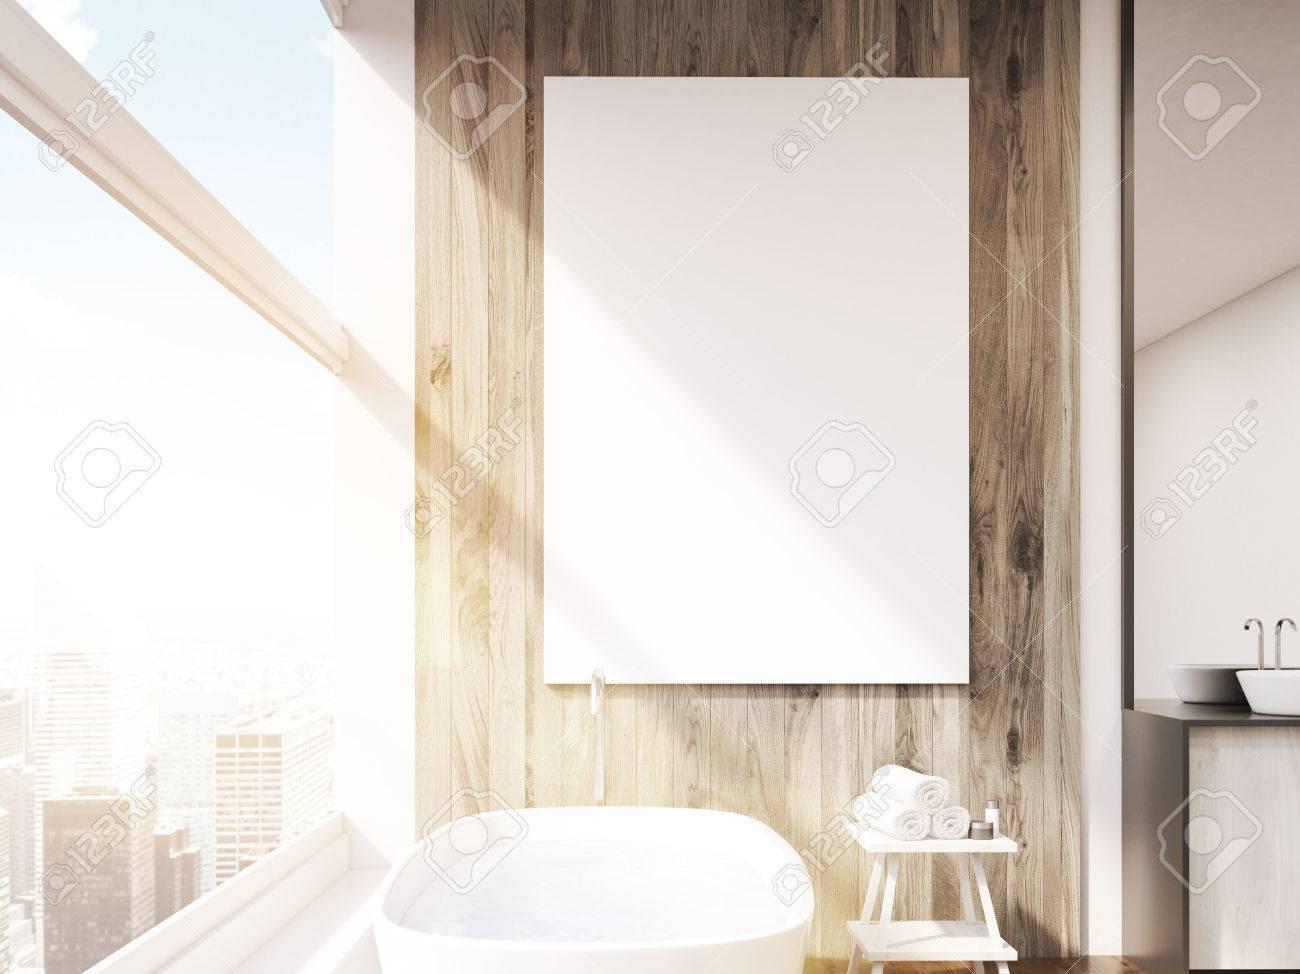 Cierre De Cartel En El Cuarto De Baño Con Bañera, Mesa Para Toallas ...